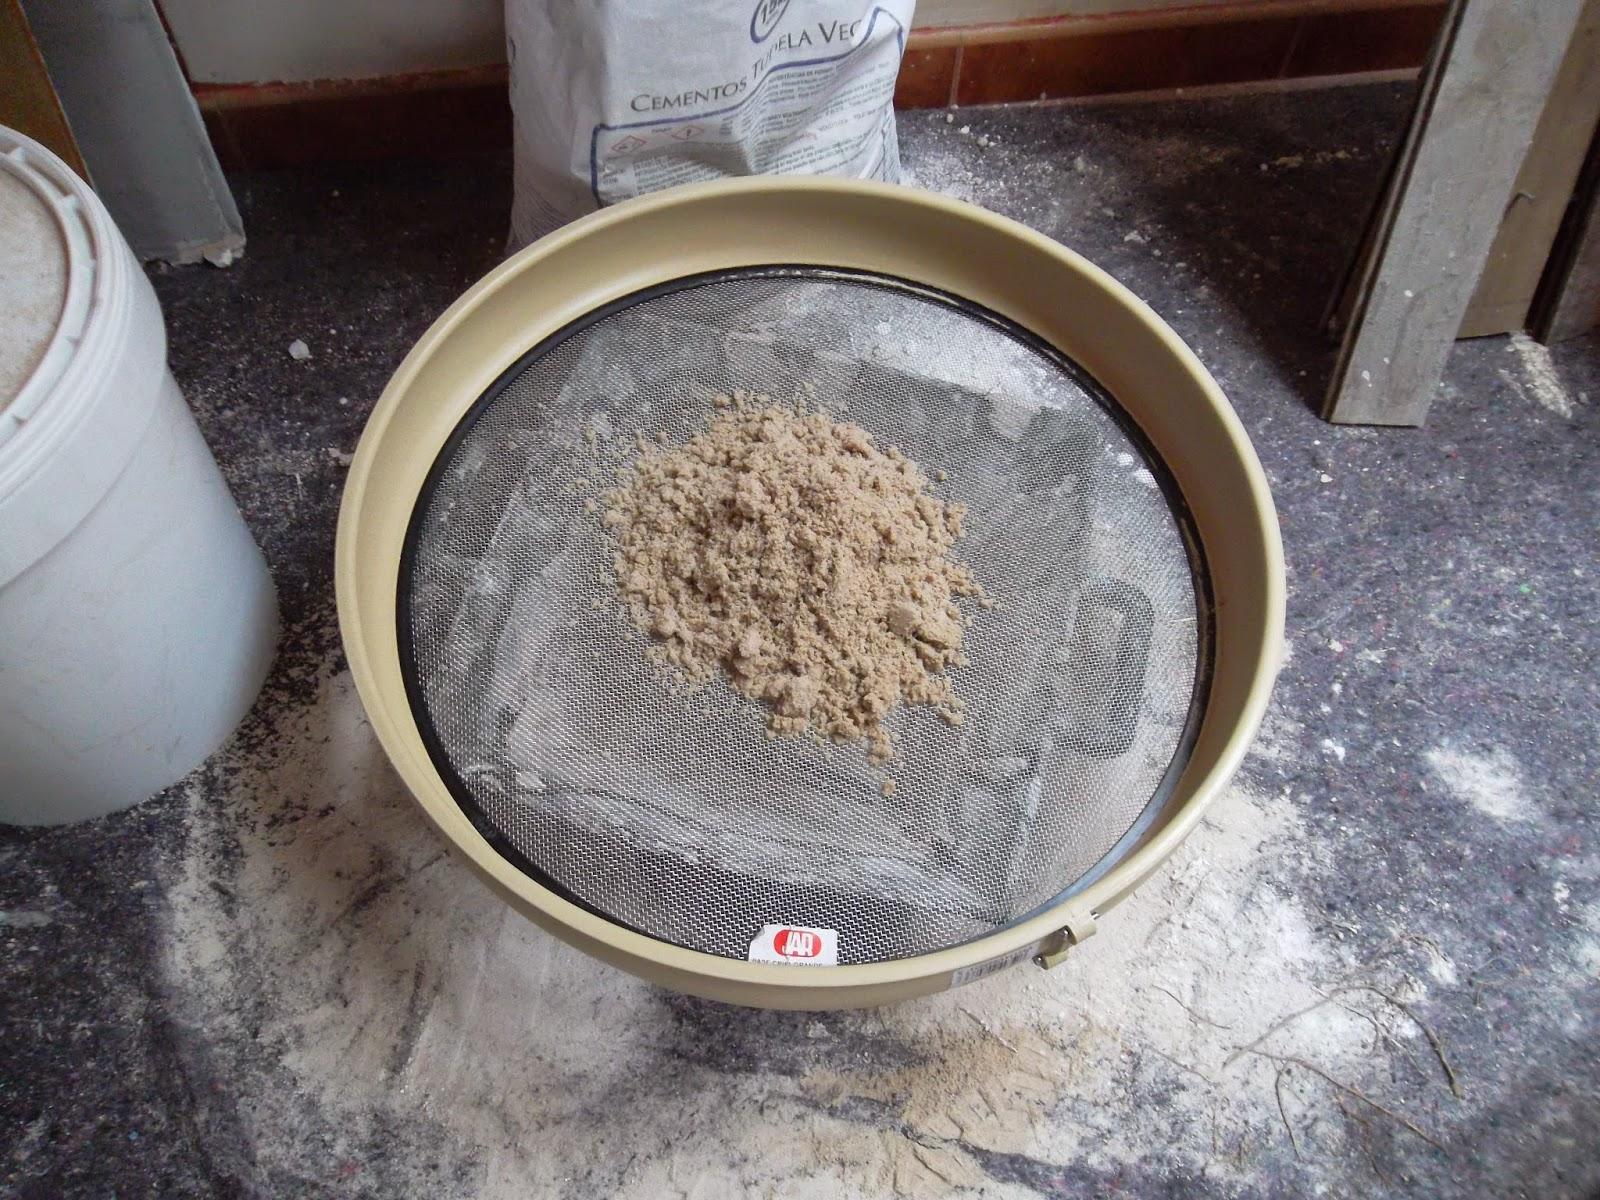 esto es mezclando cal hidrulica natural con arena fina pasada por el cedazo ya que siempre puede llevar aridos de mayor tamao